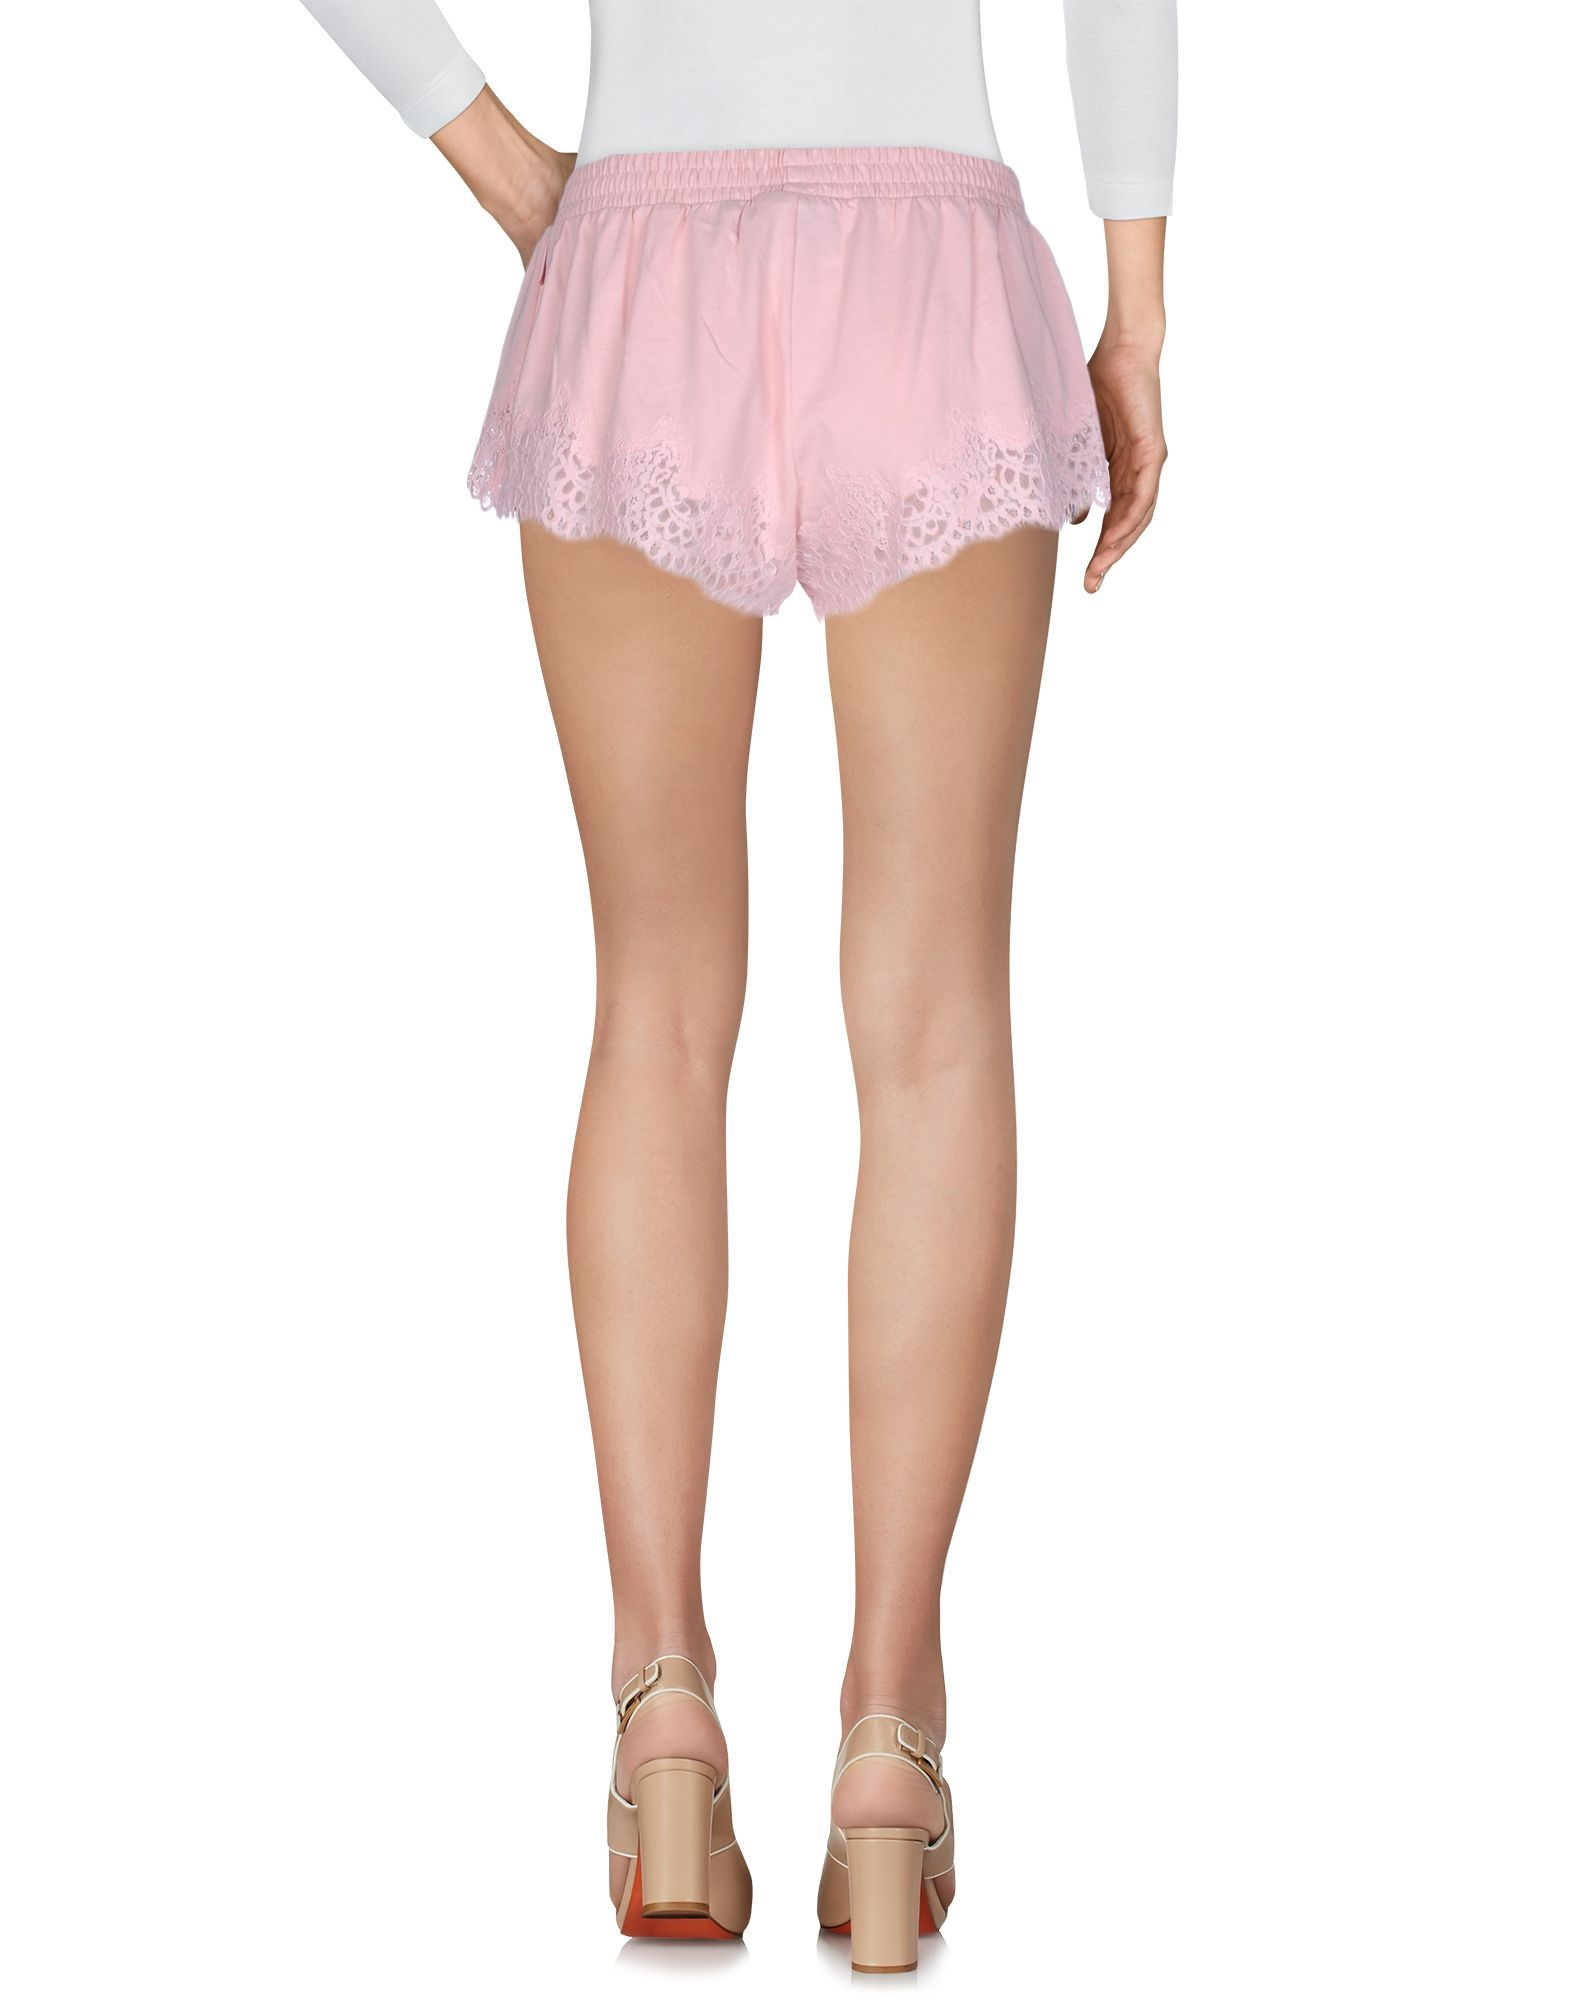 Fenty Puma By Rihanna Pink Cotton Lace Shorts